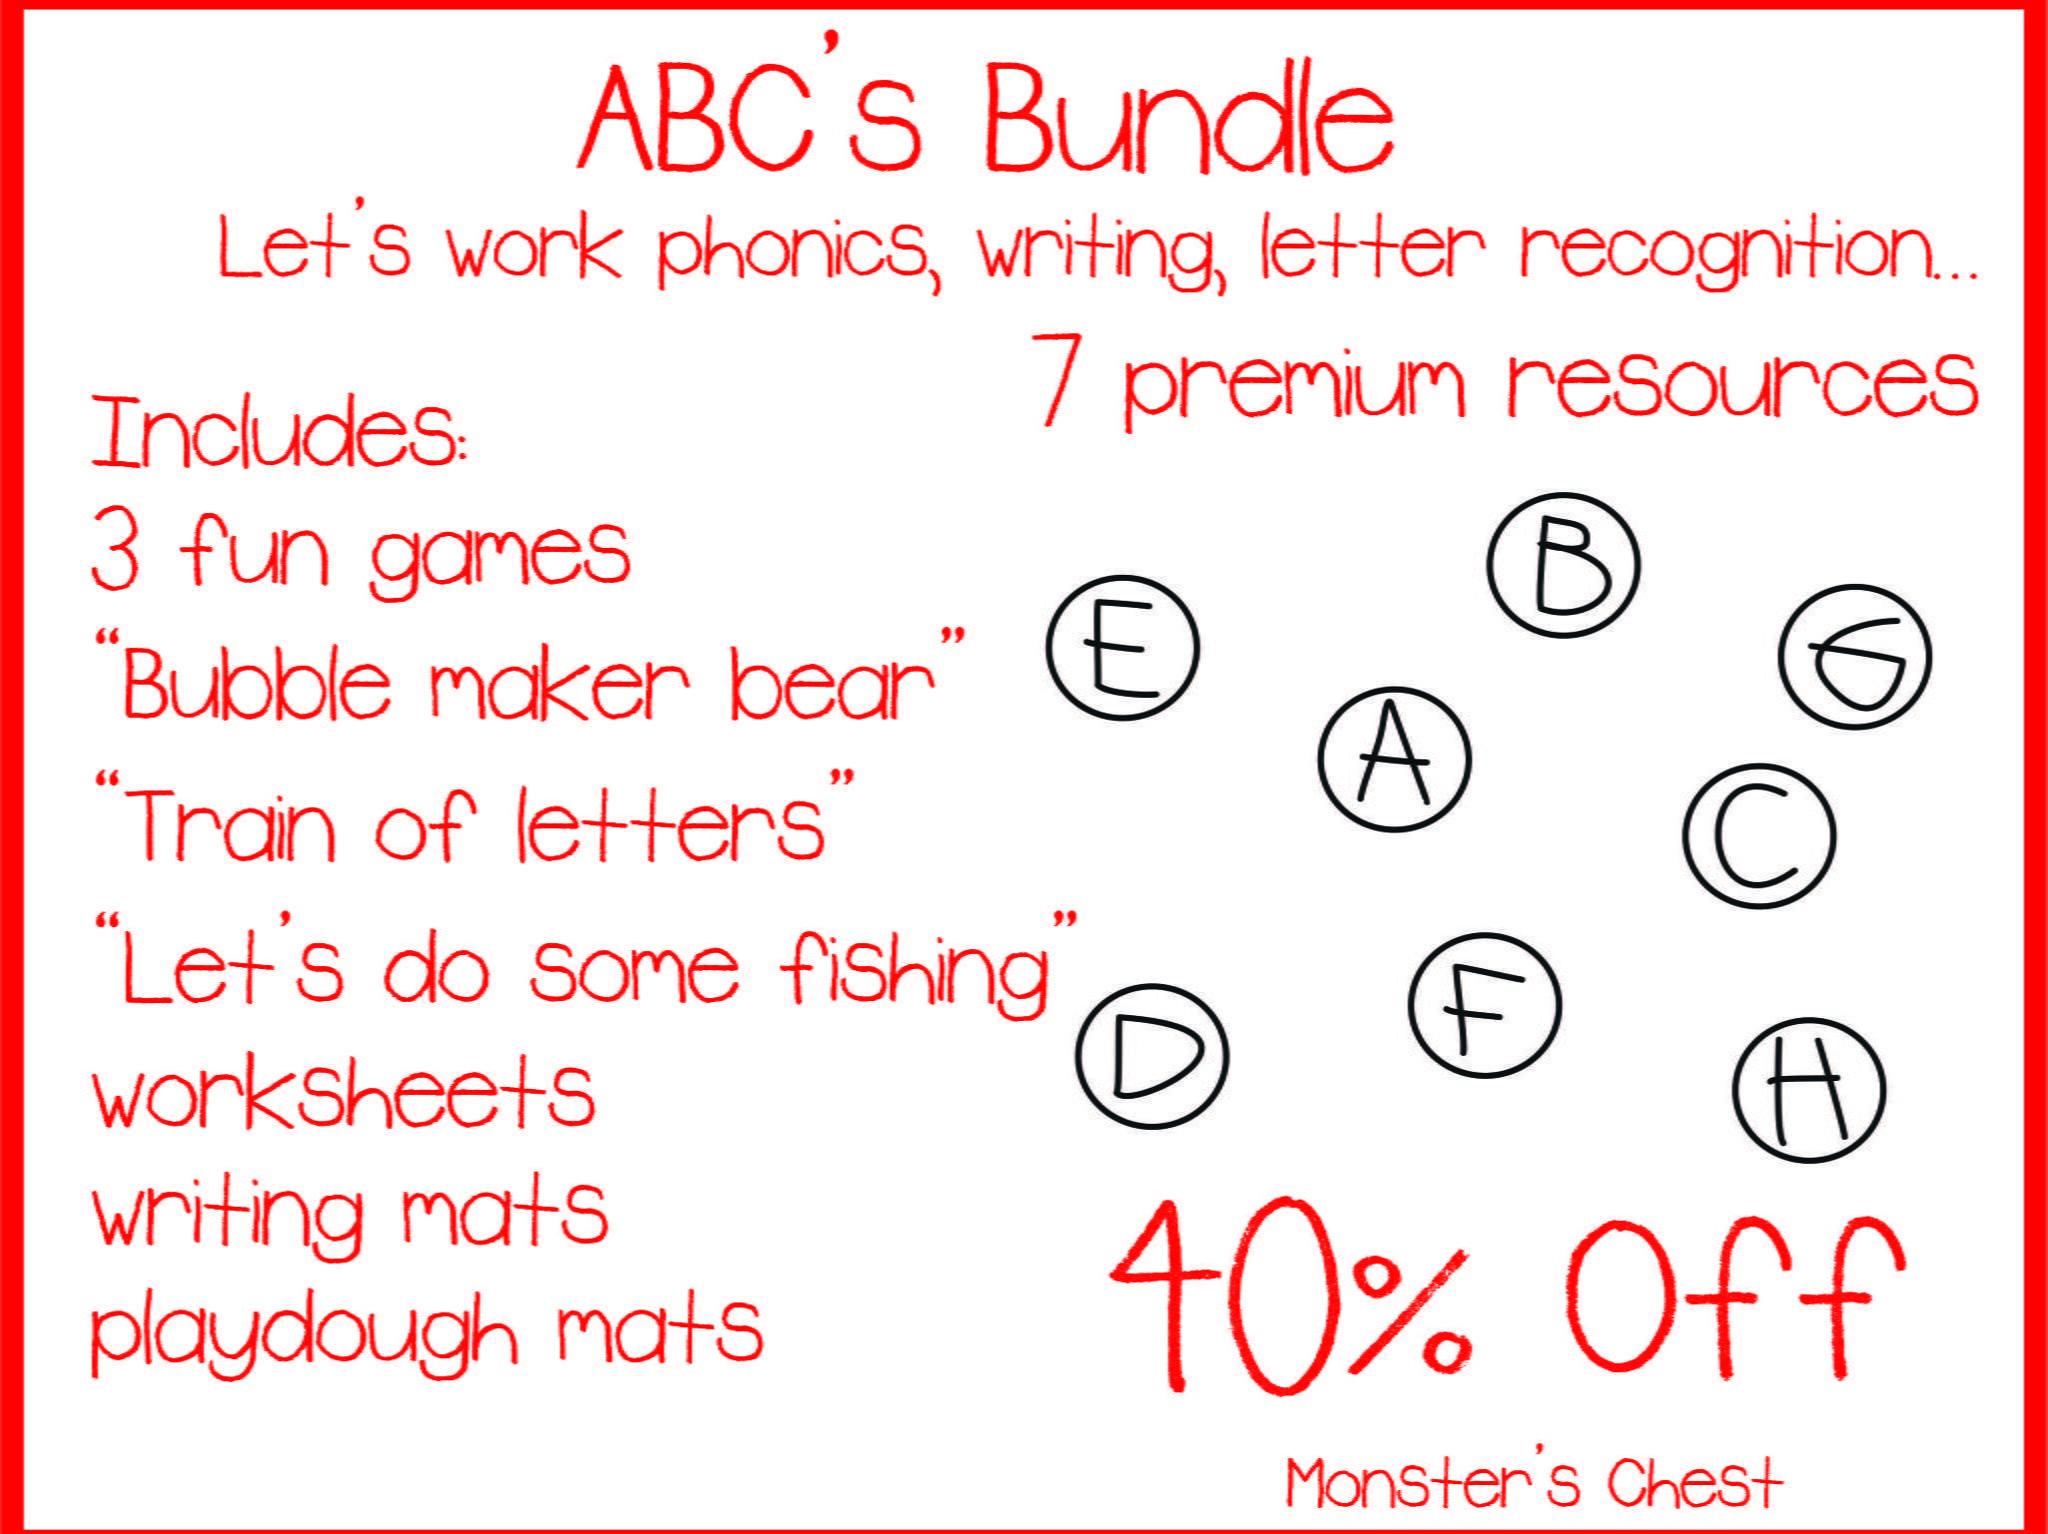 ABC's BUNDLE